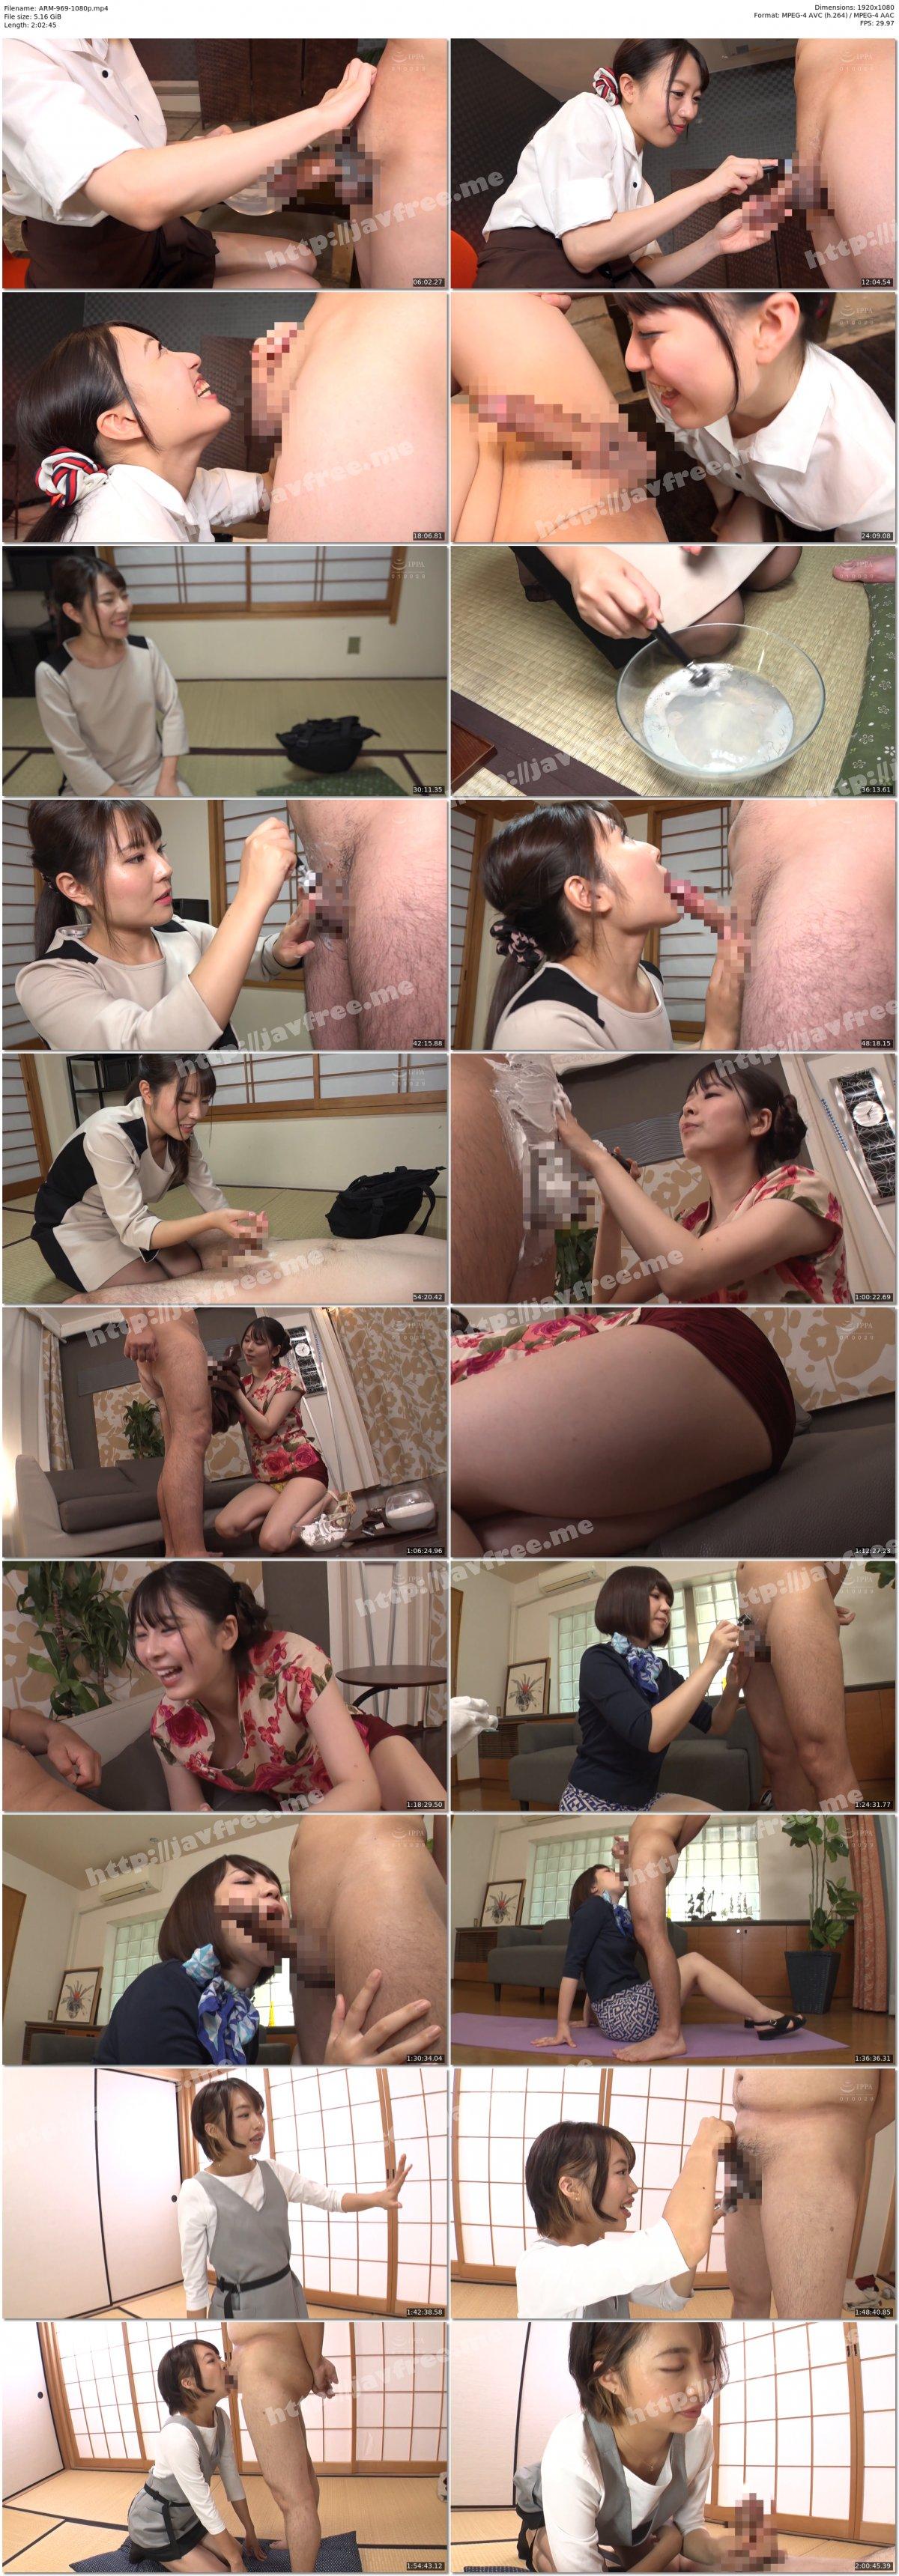 [HD][ARM-969] ち○ぽと睾丸をつるつるに剃毛してからたっぷりおしゃぶりしてくれるお姉さんのお仕事 - image ARM-969-1080p on https://javfree.me